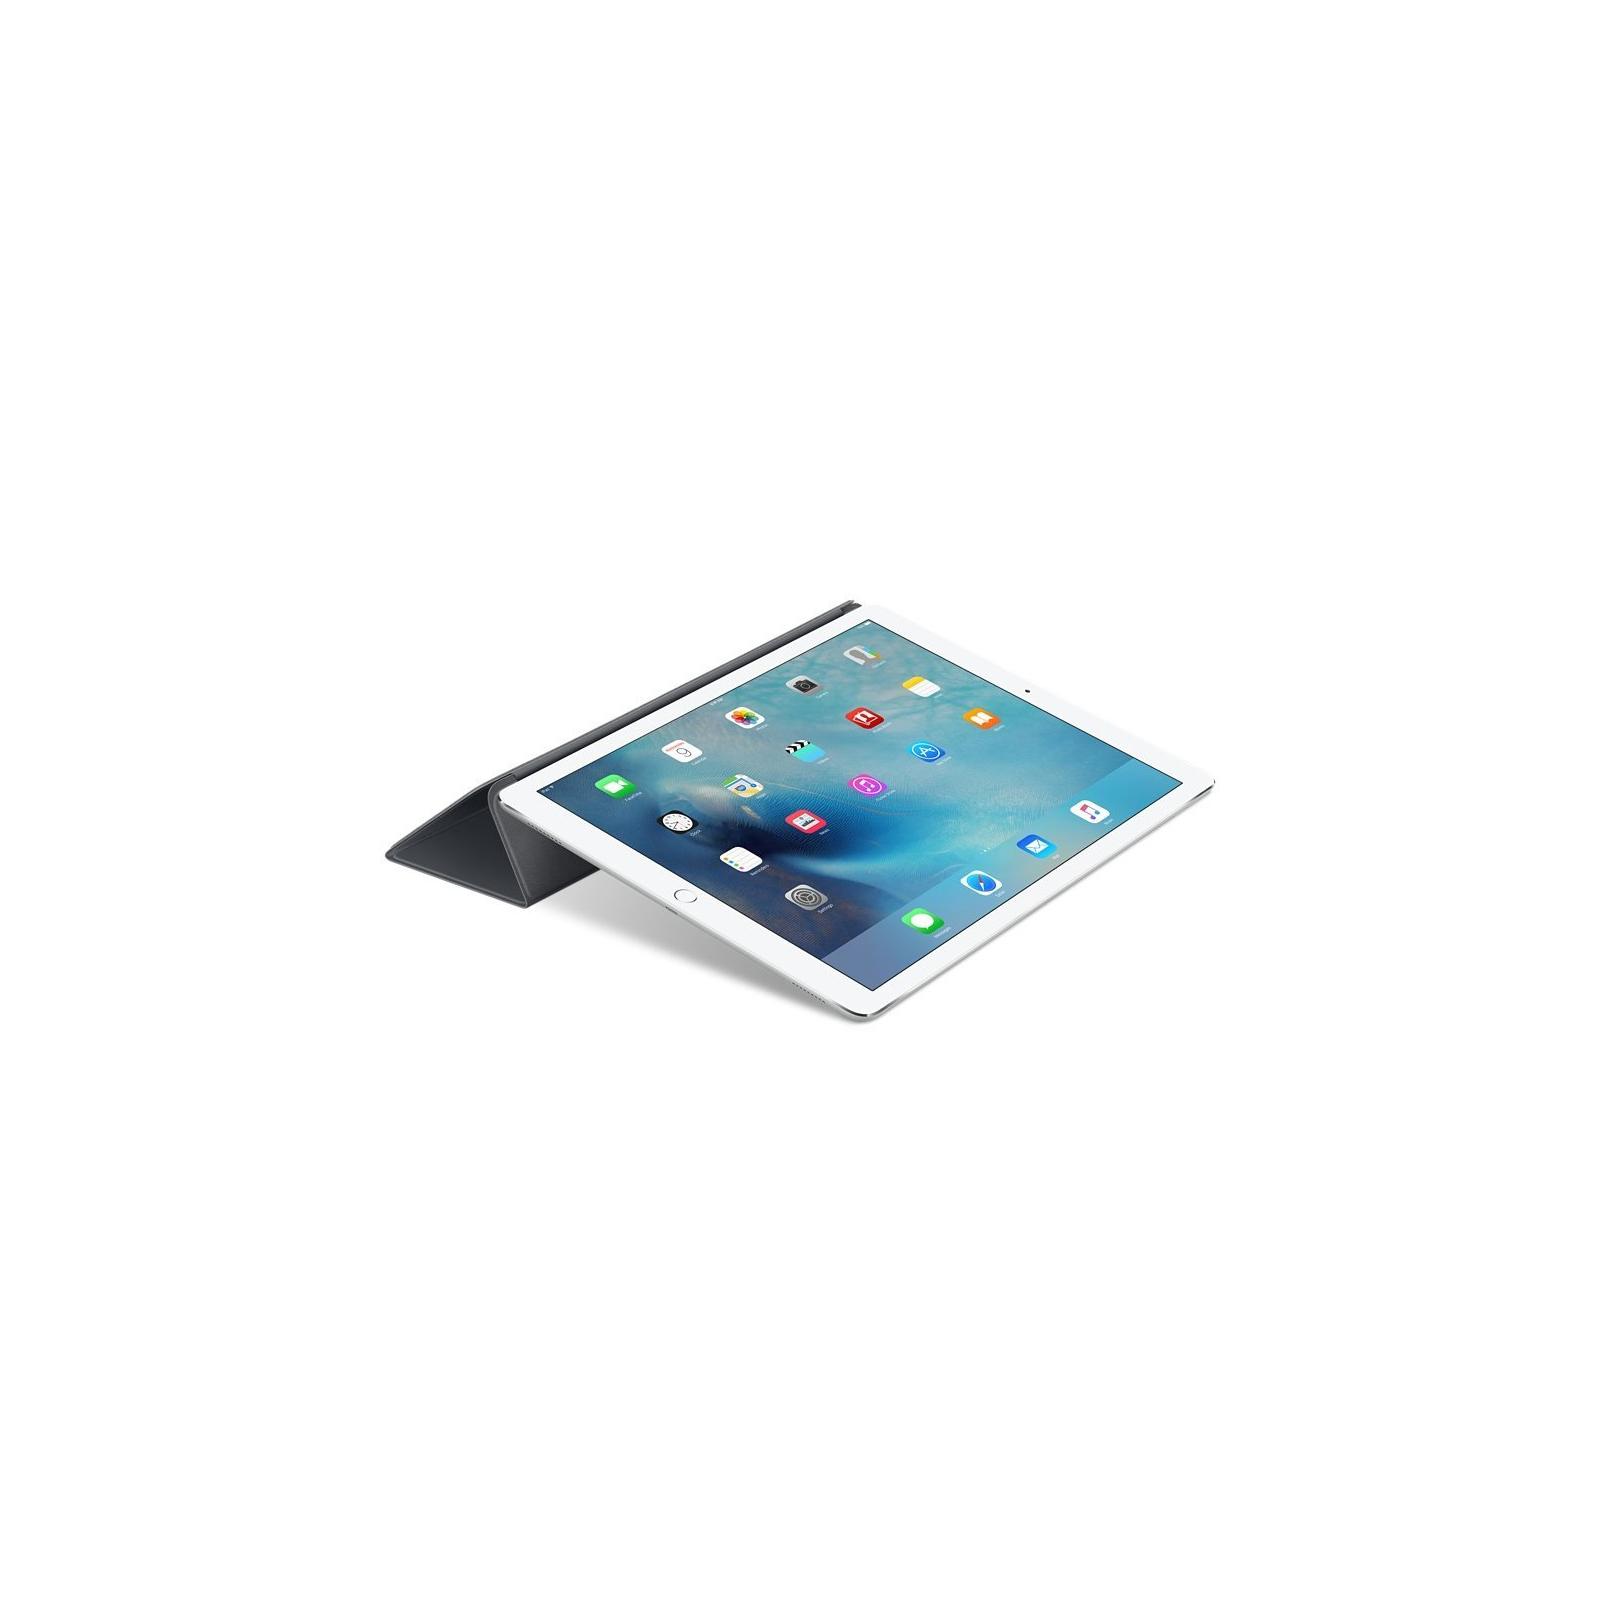 Чехол для планшета Apple Smart Cover для iPad Pro Charcoal Gray (MK0L2ZM/A) изображение 4